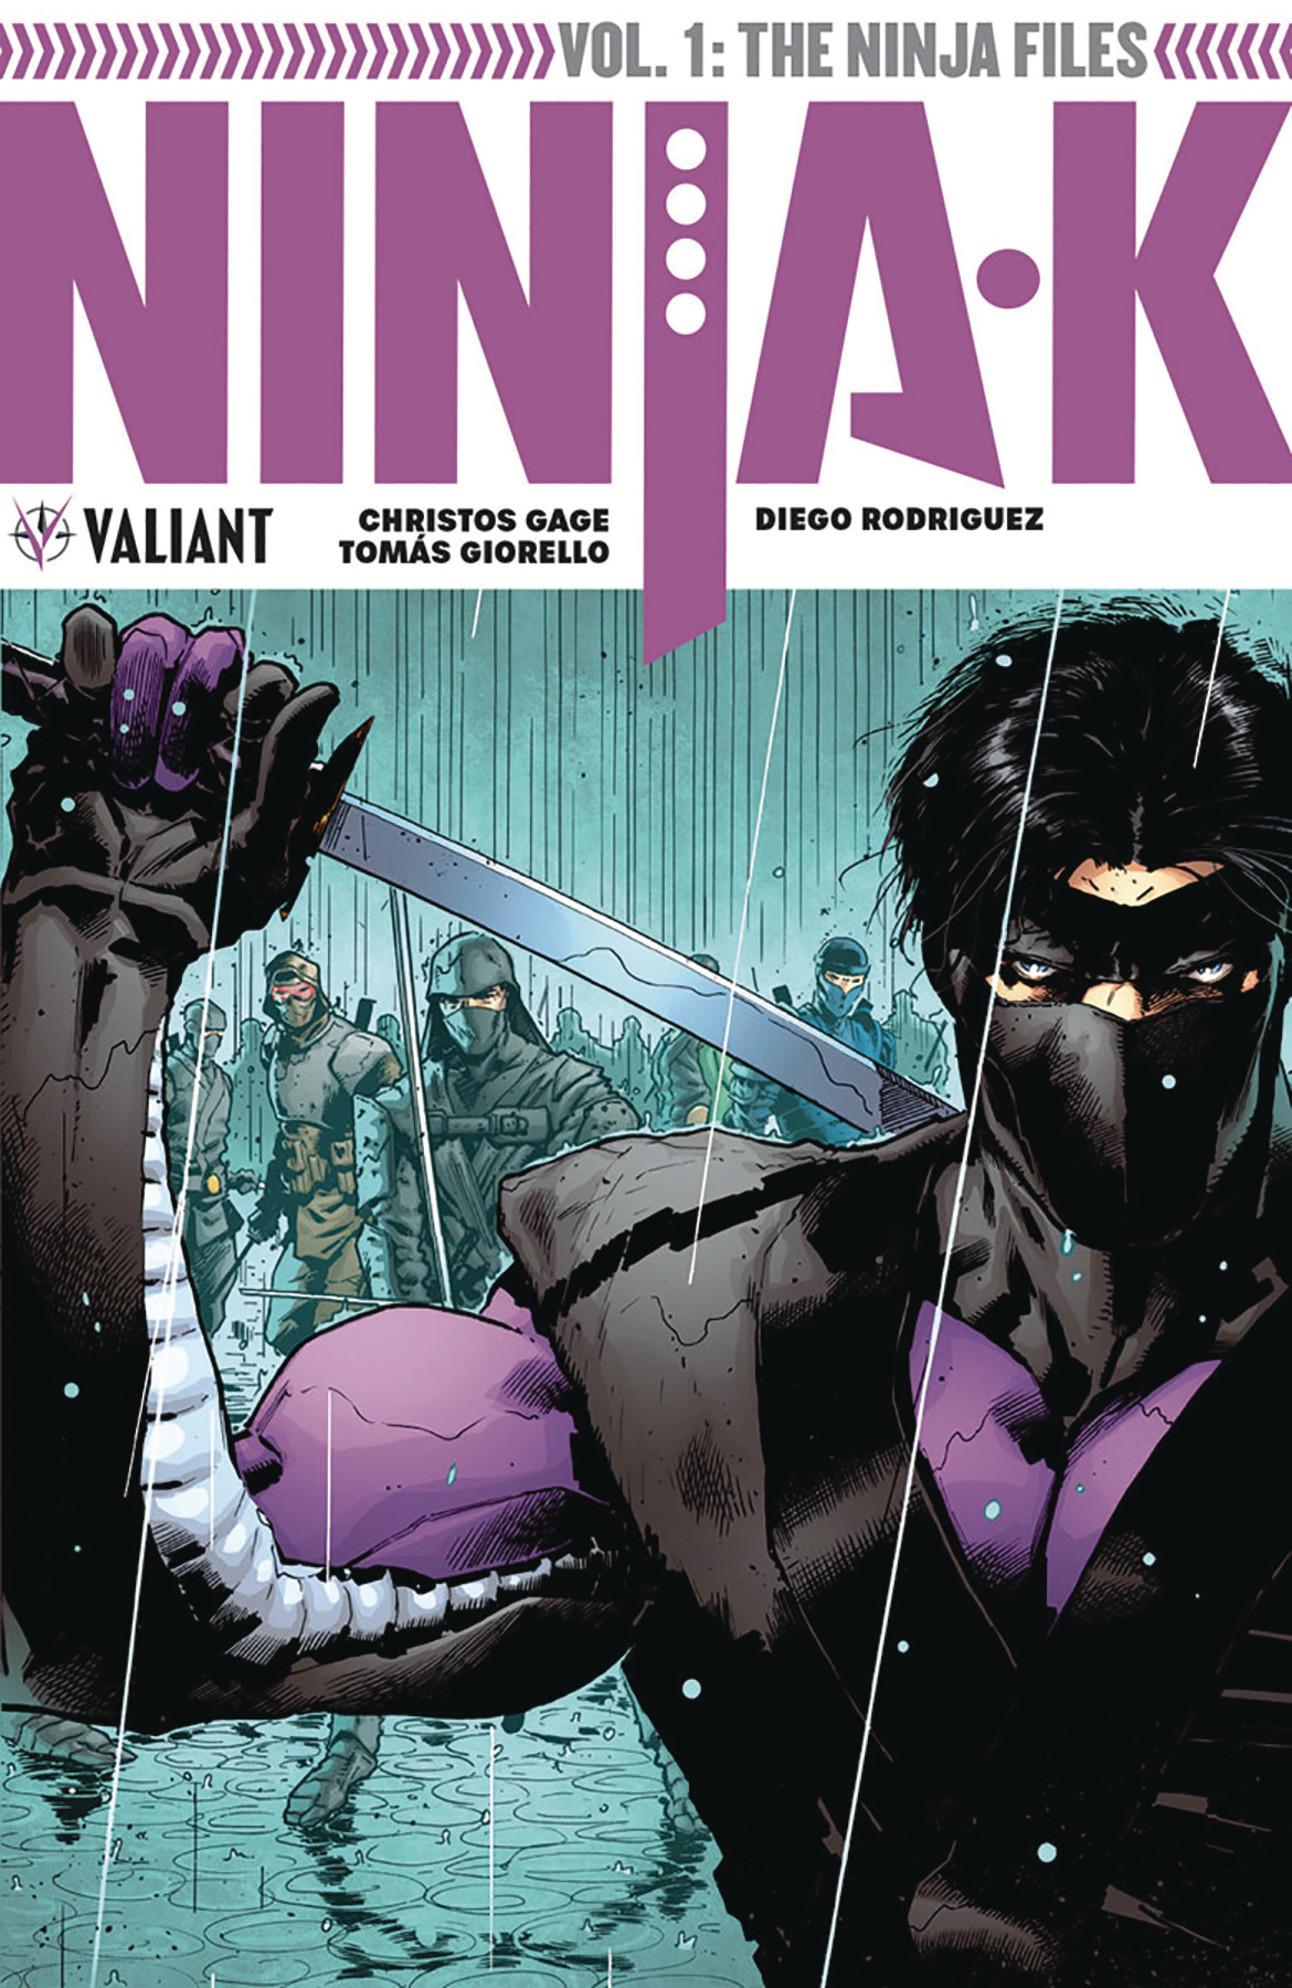 Ninja-K Vol 1 TP Cover by Trevor Hairsine